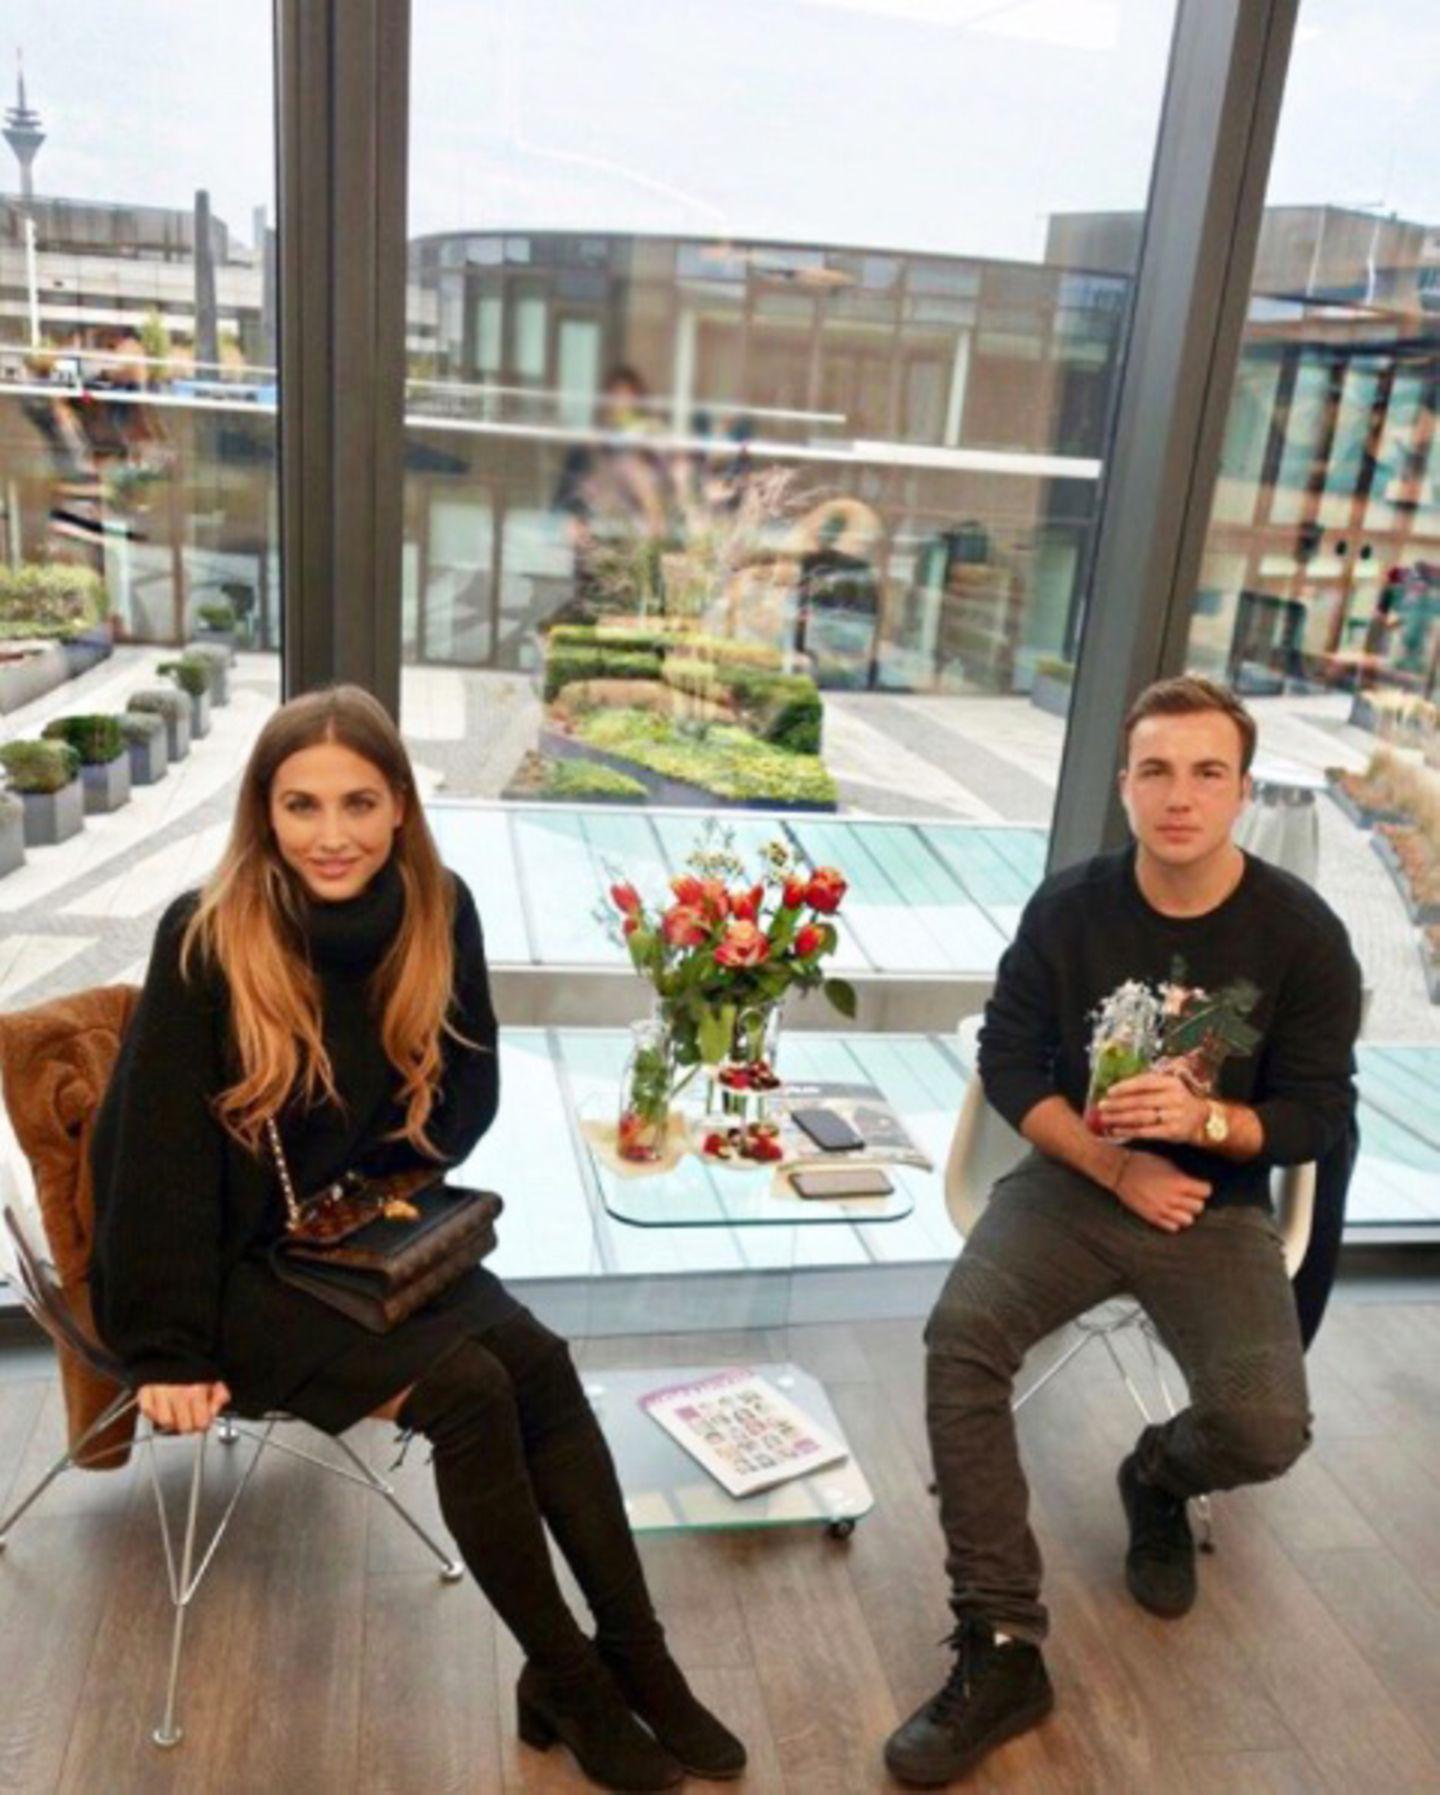 Die kleine Beauty-Auszeit genießt Mario Götze nämlich gemeinsam mit seiner Verlobten Ann-Kathrin Brömmel. Das Paar besuchte schon häufiger das Düsseldorfer Kosmetikstudio. Was für ein hübsches Paar!